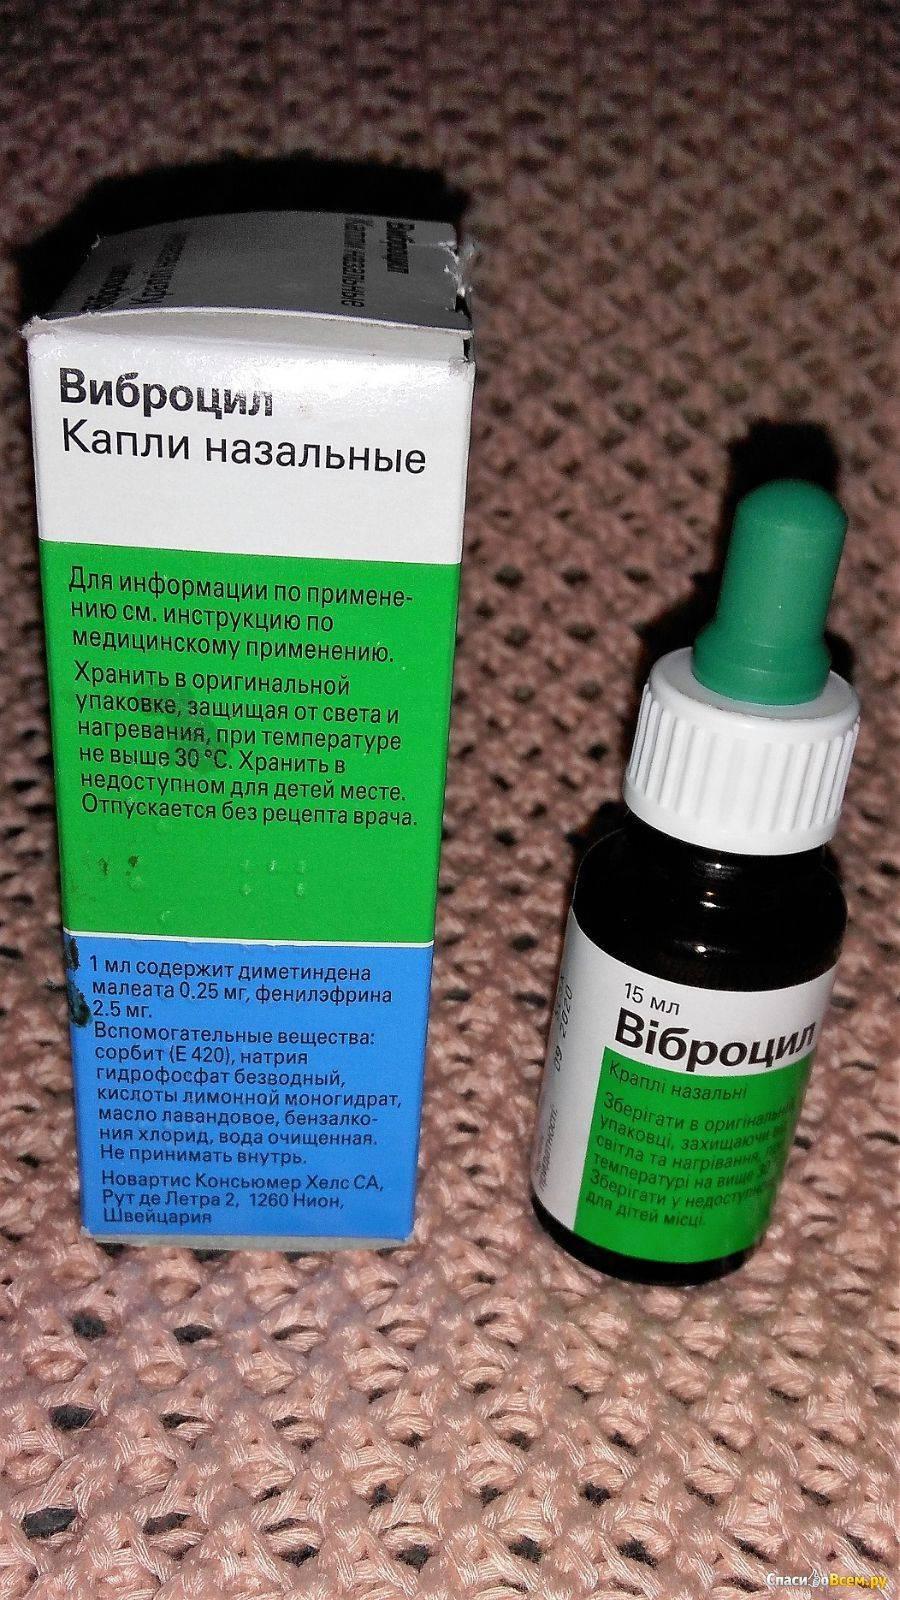 Спрей от аллергического ринита, назальные спреи последнего поколения для носа от насморка